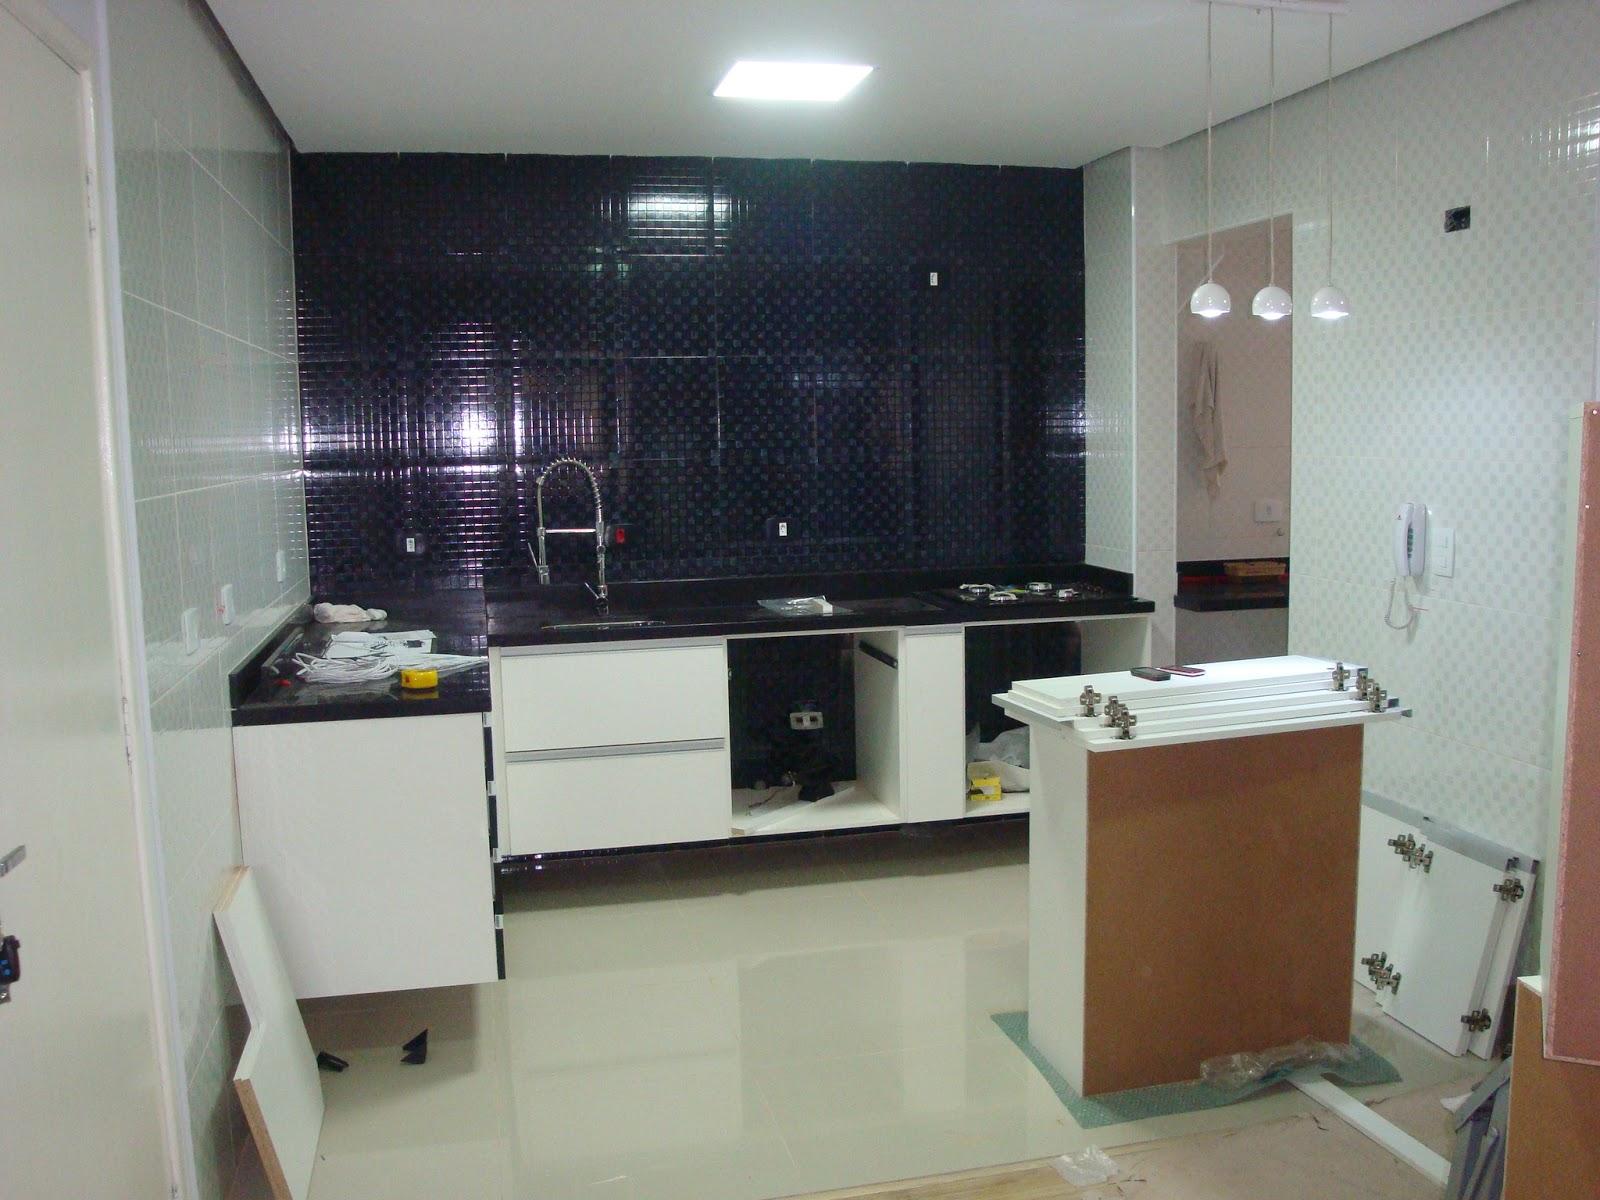 sem a bancada do centro da cozinha ela foi para corte na marmoraria #65442D 1600 1200